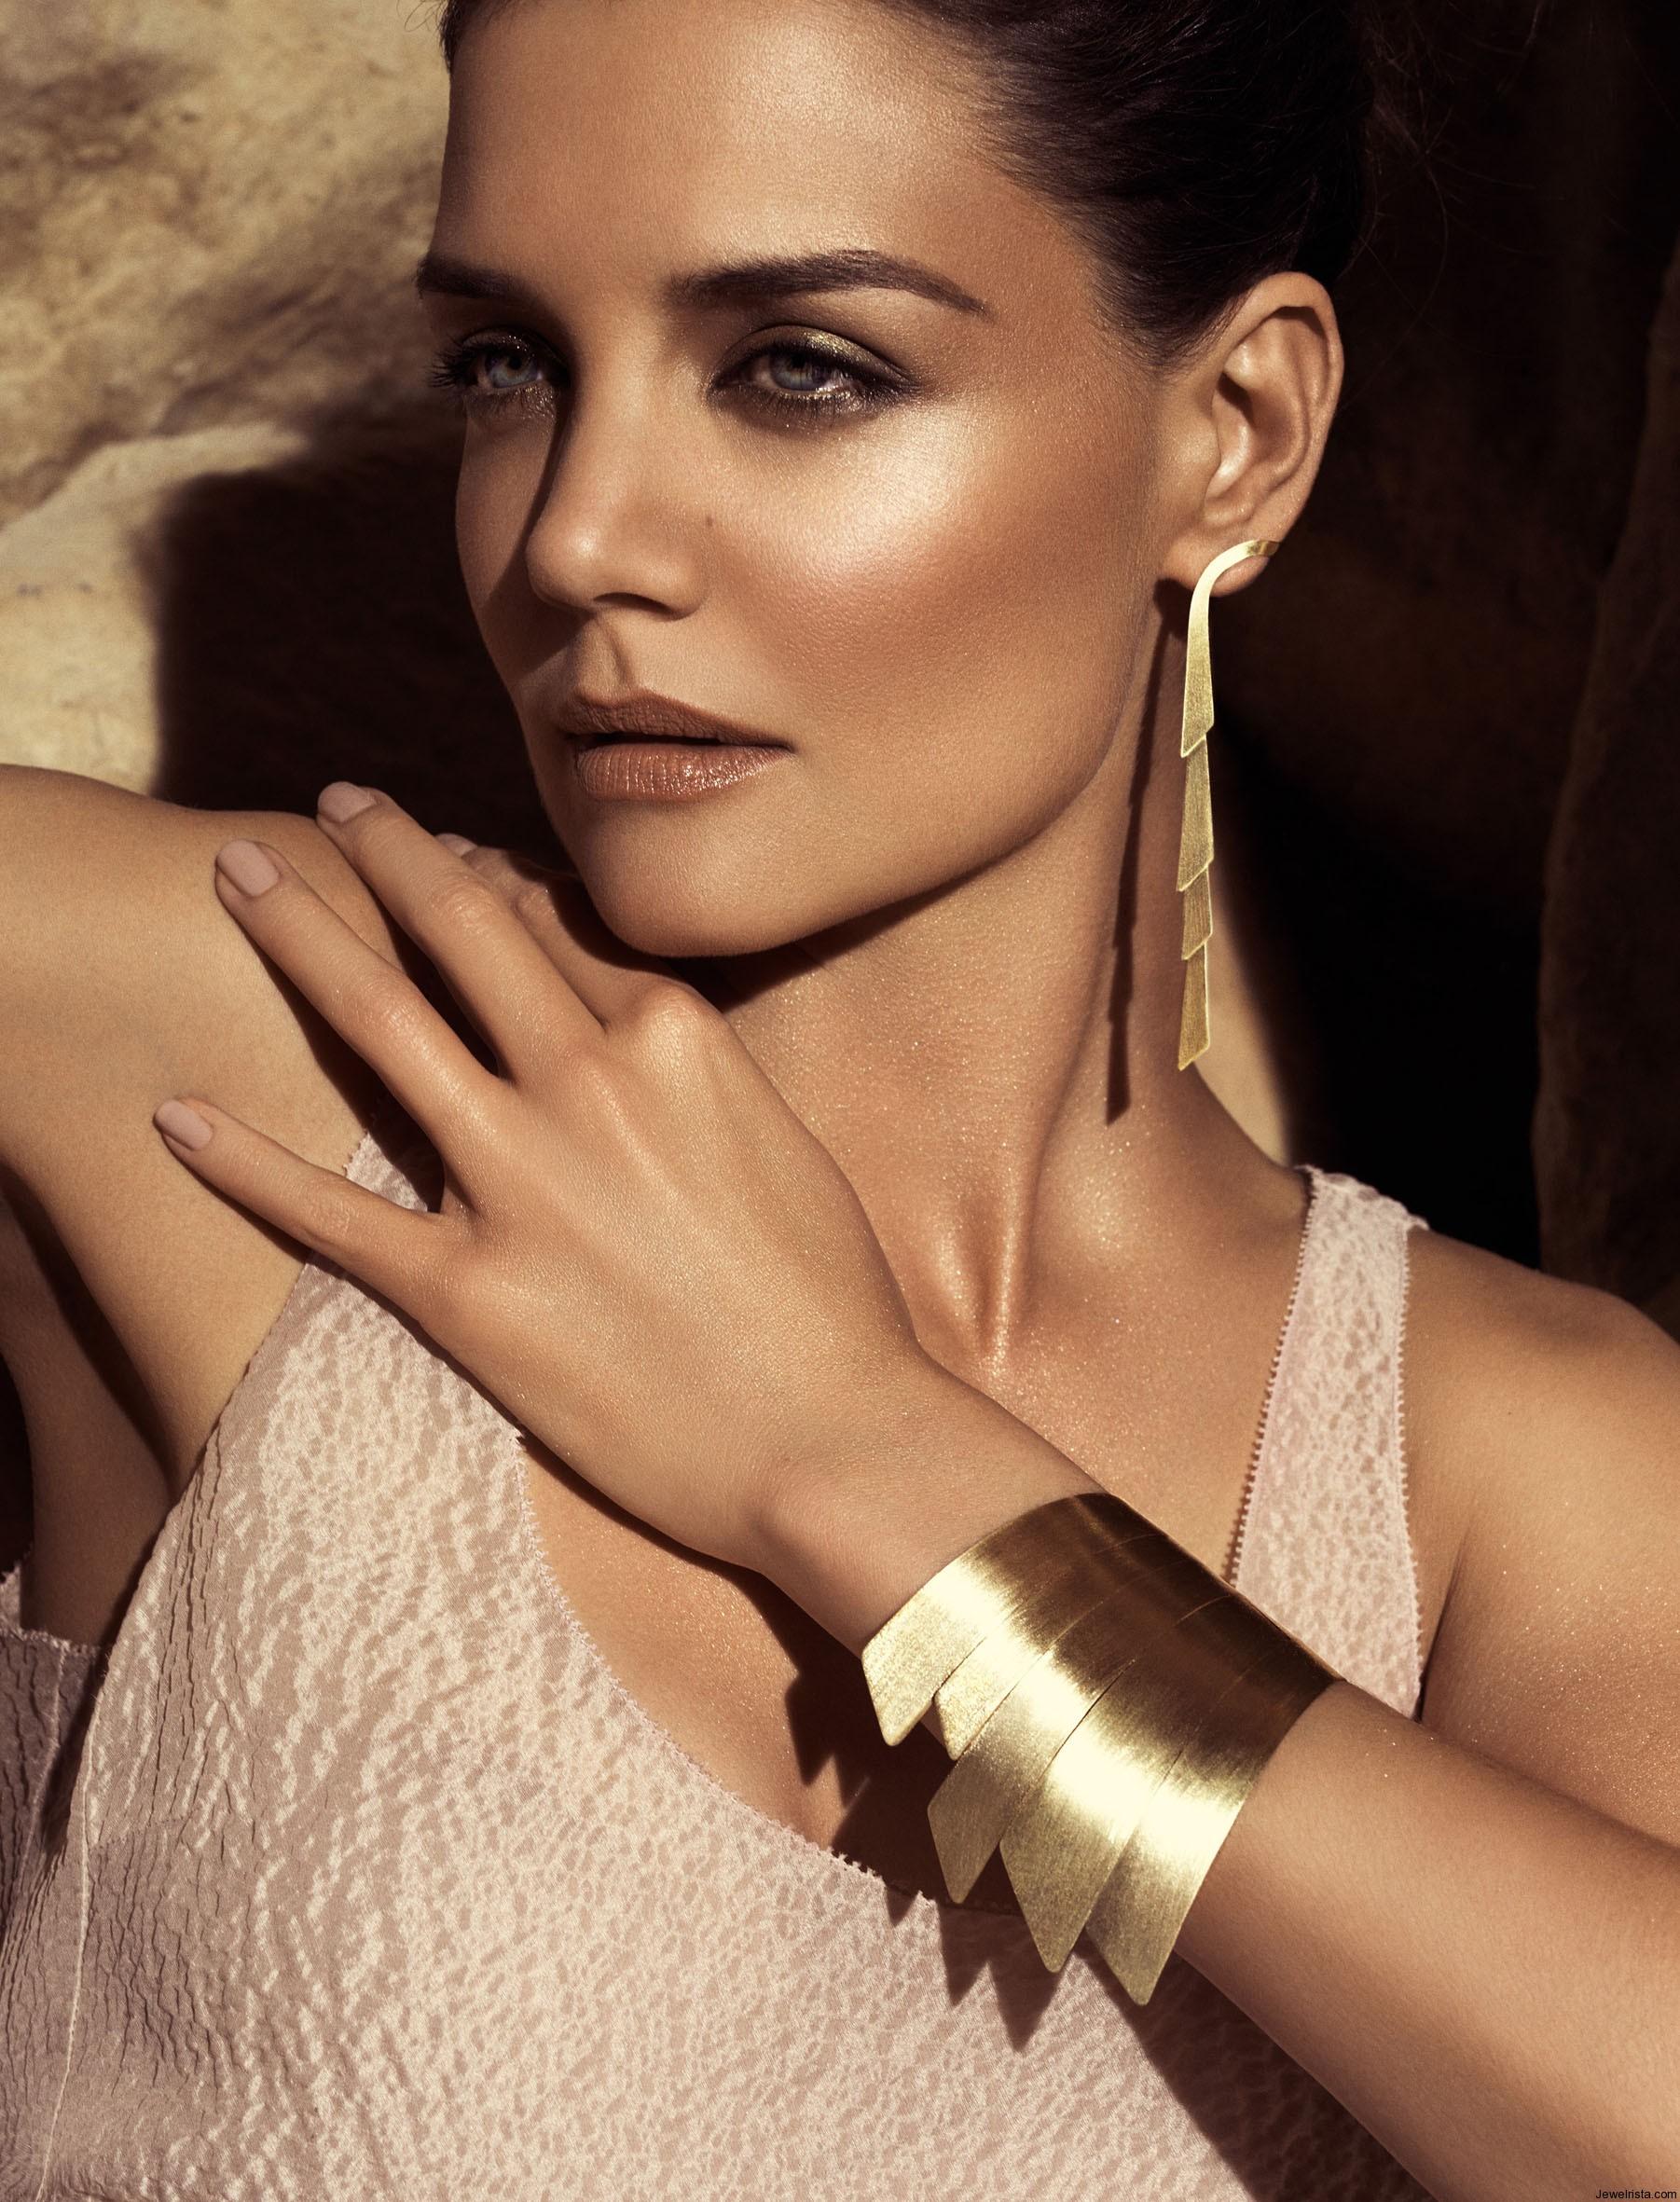 Katie Holmes As Jewelry Model Joseph Schubach Jewelers